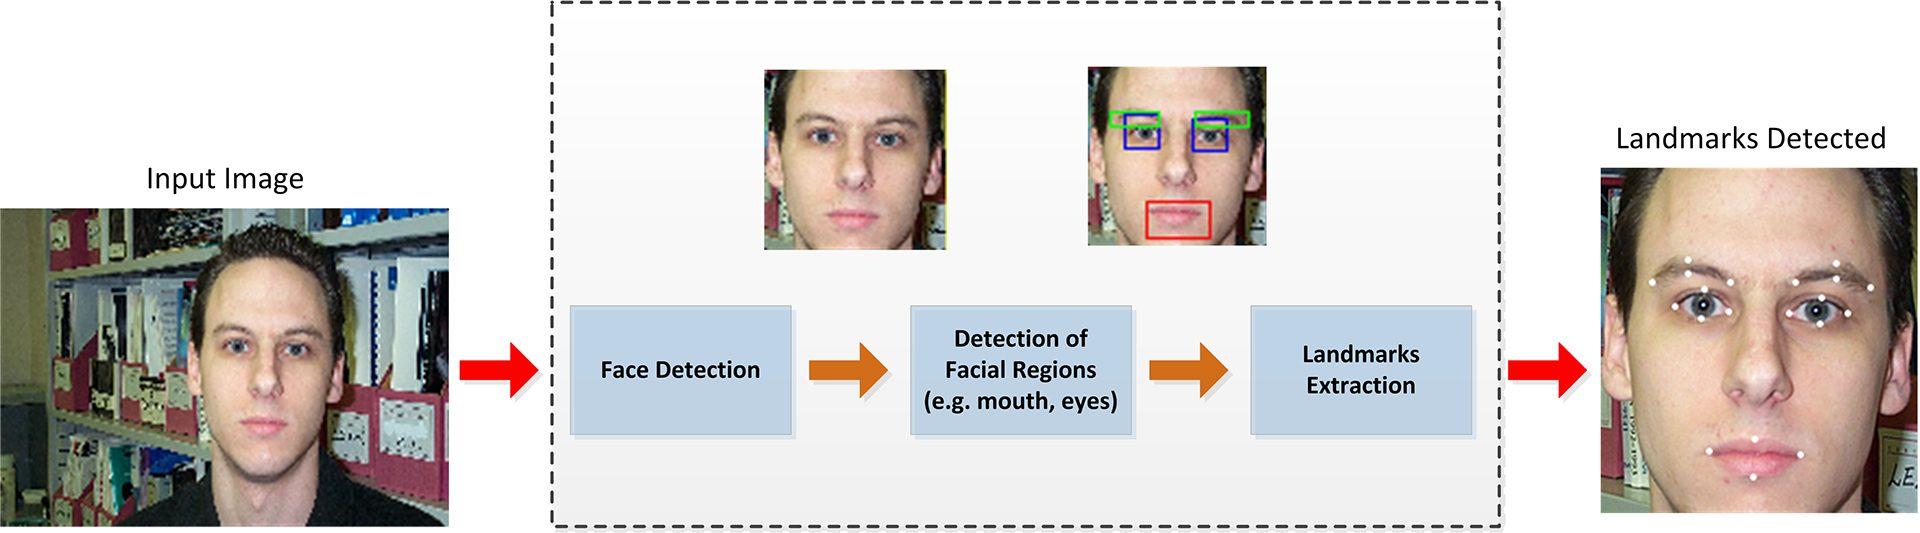 स्थानीय-आधारभूत जानकारी का उपयोग करते हुए चेहरे की पहचान का पता लगाना